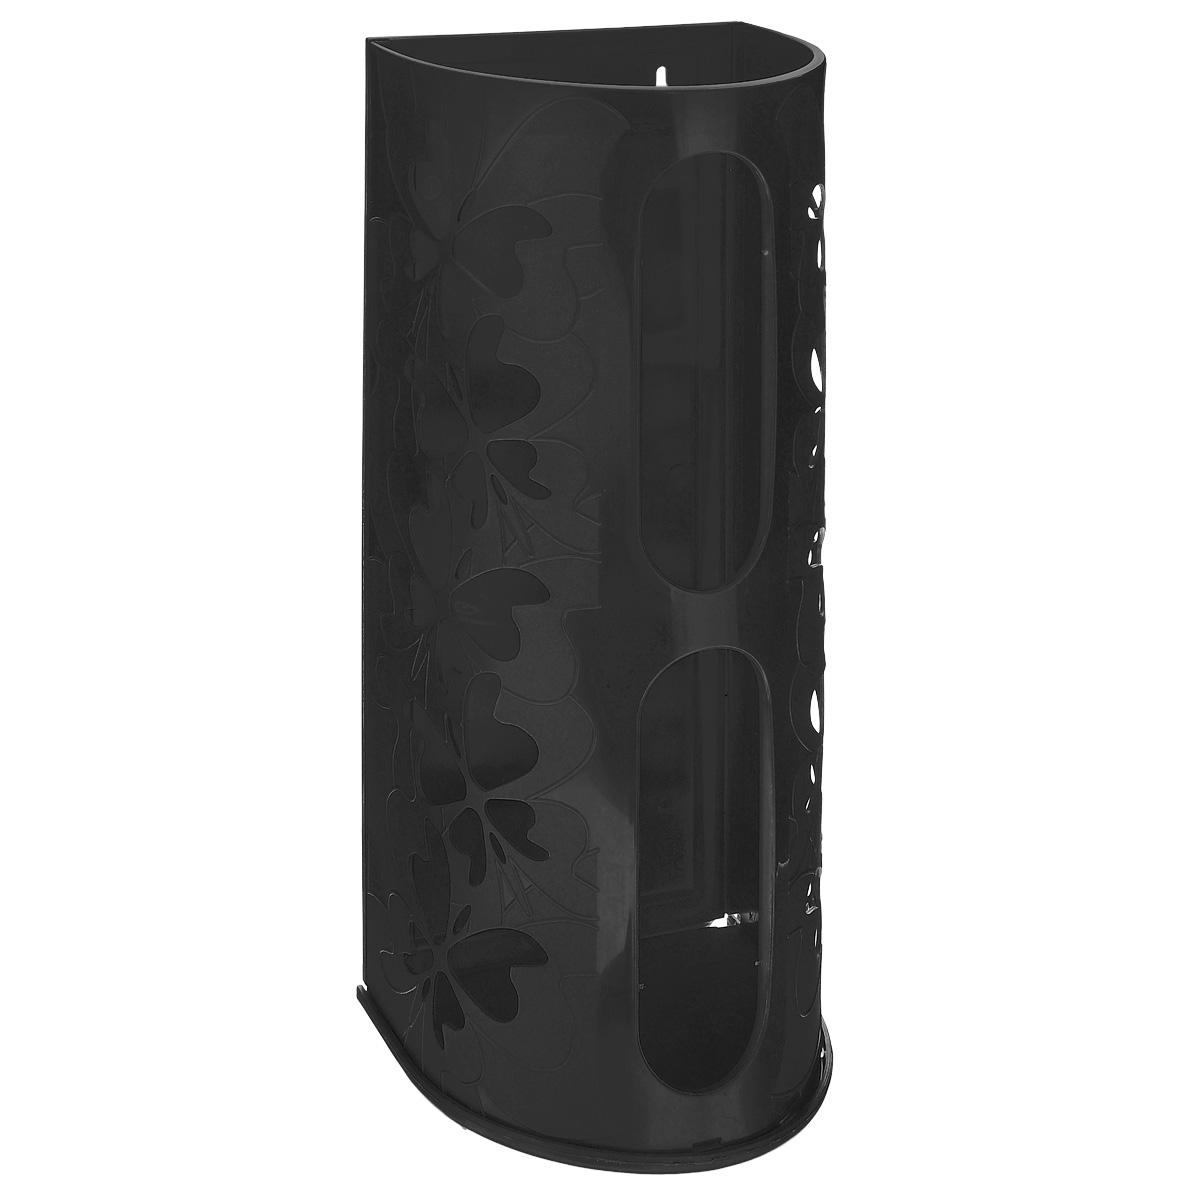 Корзина для пакетов Berossi Fly, цвет: черный, 16 см х 13 см х 37,5 смИК10305Корзина Berossi Fly выполнена из пластика и предназначена для хранения пакетов для продуктов. Изделие декорировано перфорацией в виде бабочек и крепится к стене при помощи трех саморезов (входят в комплект). Корзина легко собирается и разбирается. Имеет два отверстия, из которых удобно вынимать пакеты. Корзина Berossi Fly позволяет хранить пакеты в одном месте. Размер корзины (в собранном виде): 16 см х 13 см х 37,5 см.